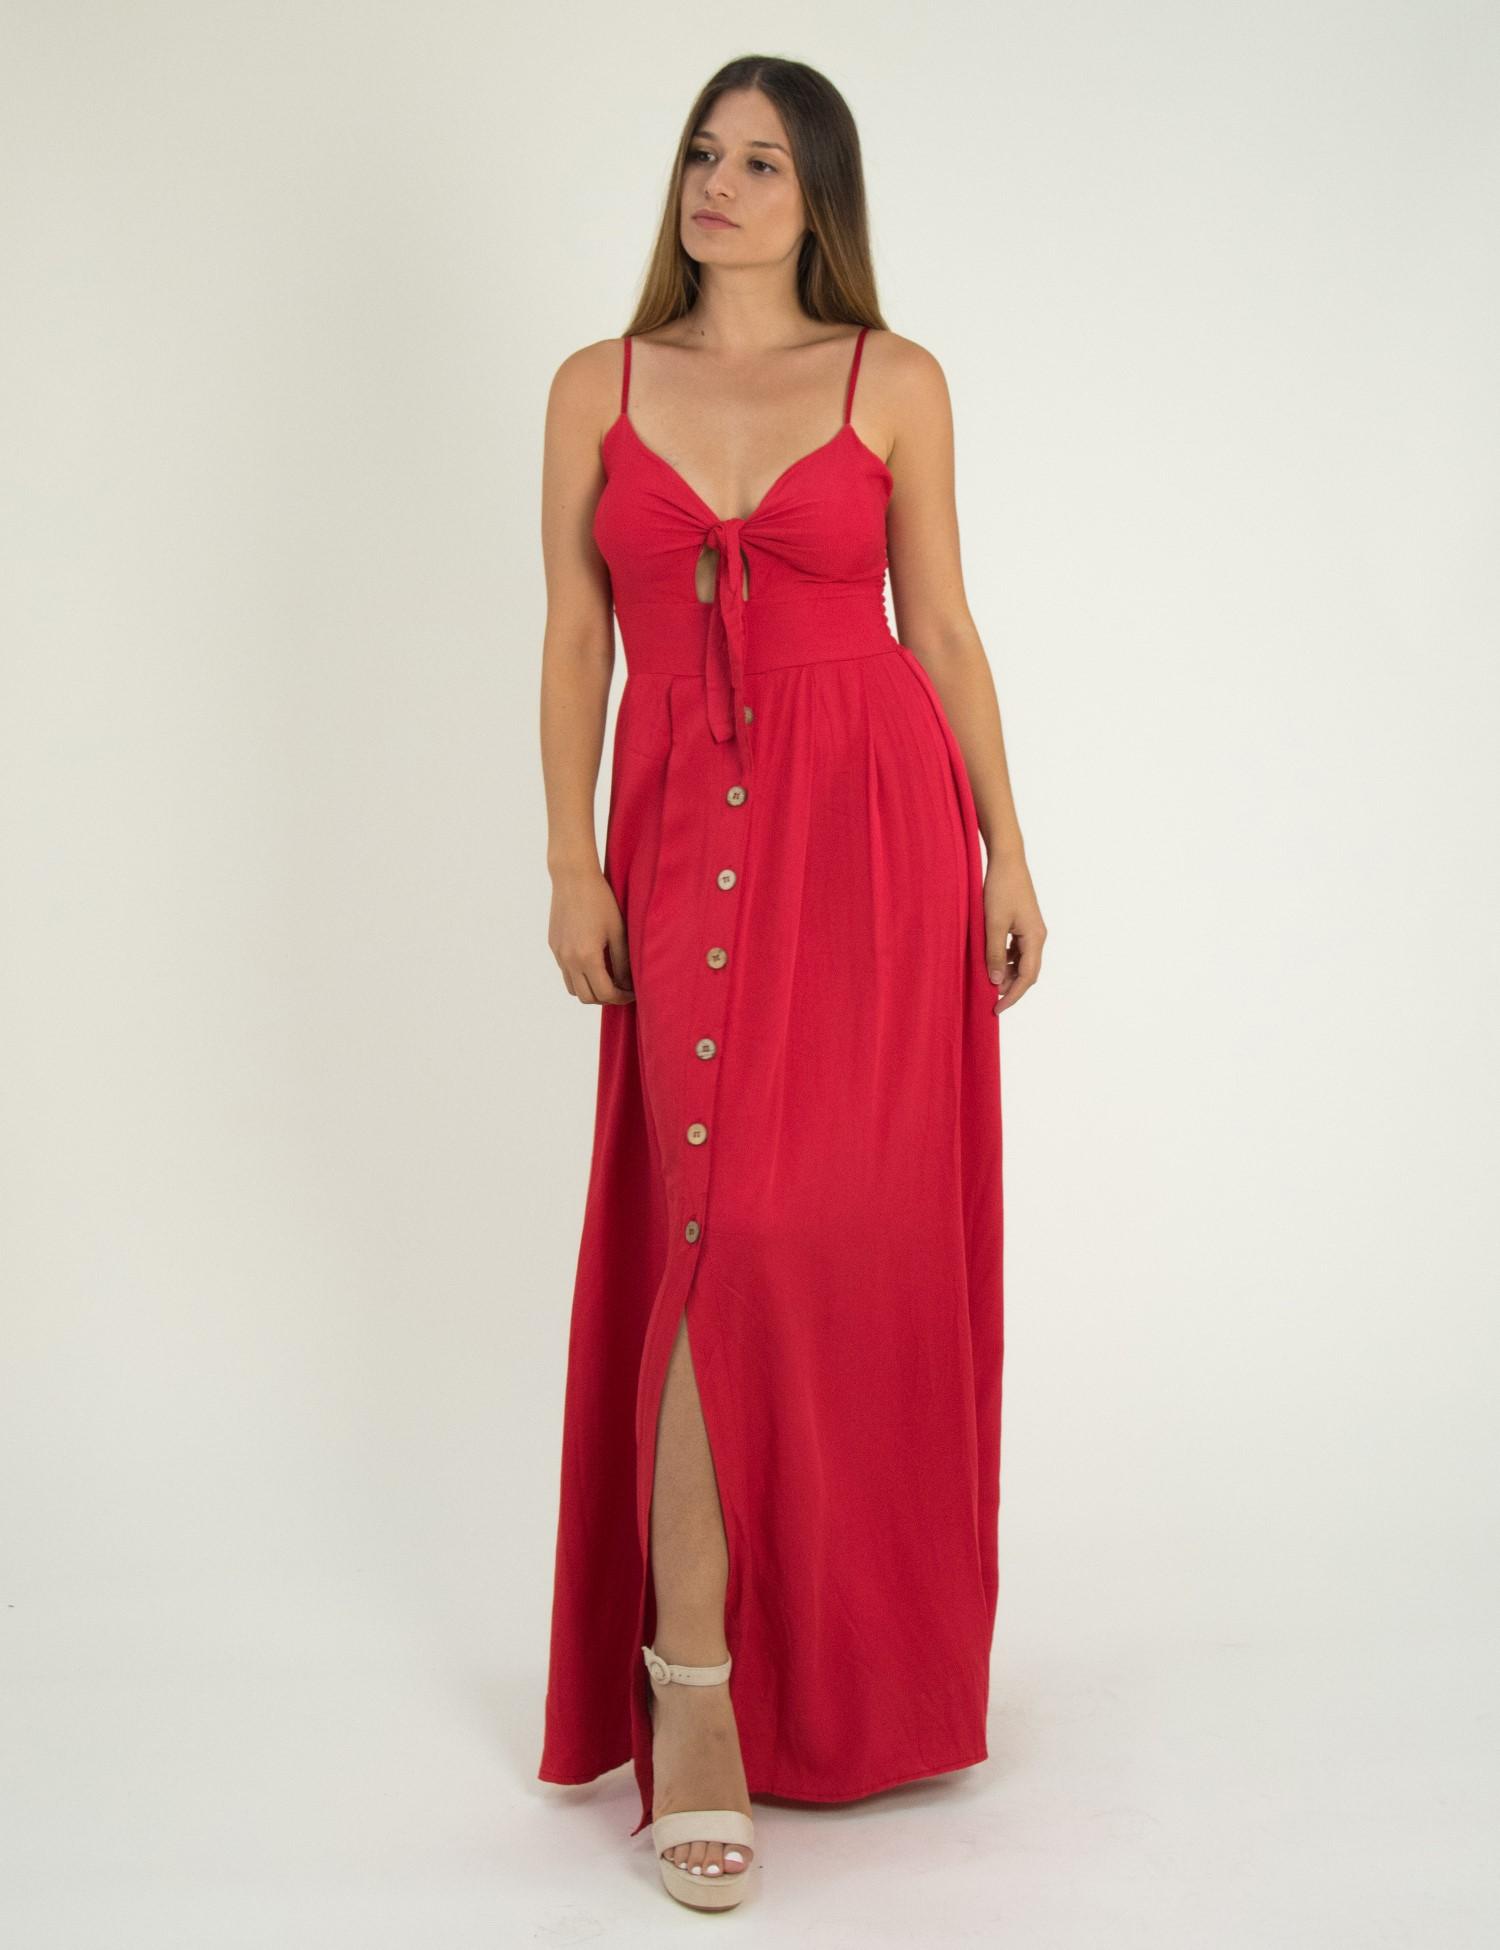 Γυναικεία   Ρούχα   Φορέματα   Καθημερινά   6966 LX Μίνι φόρεμα ... 0e17ffa7889